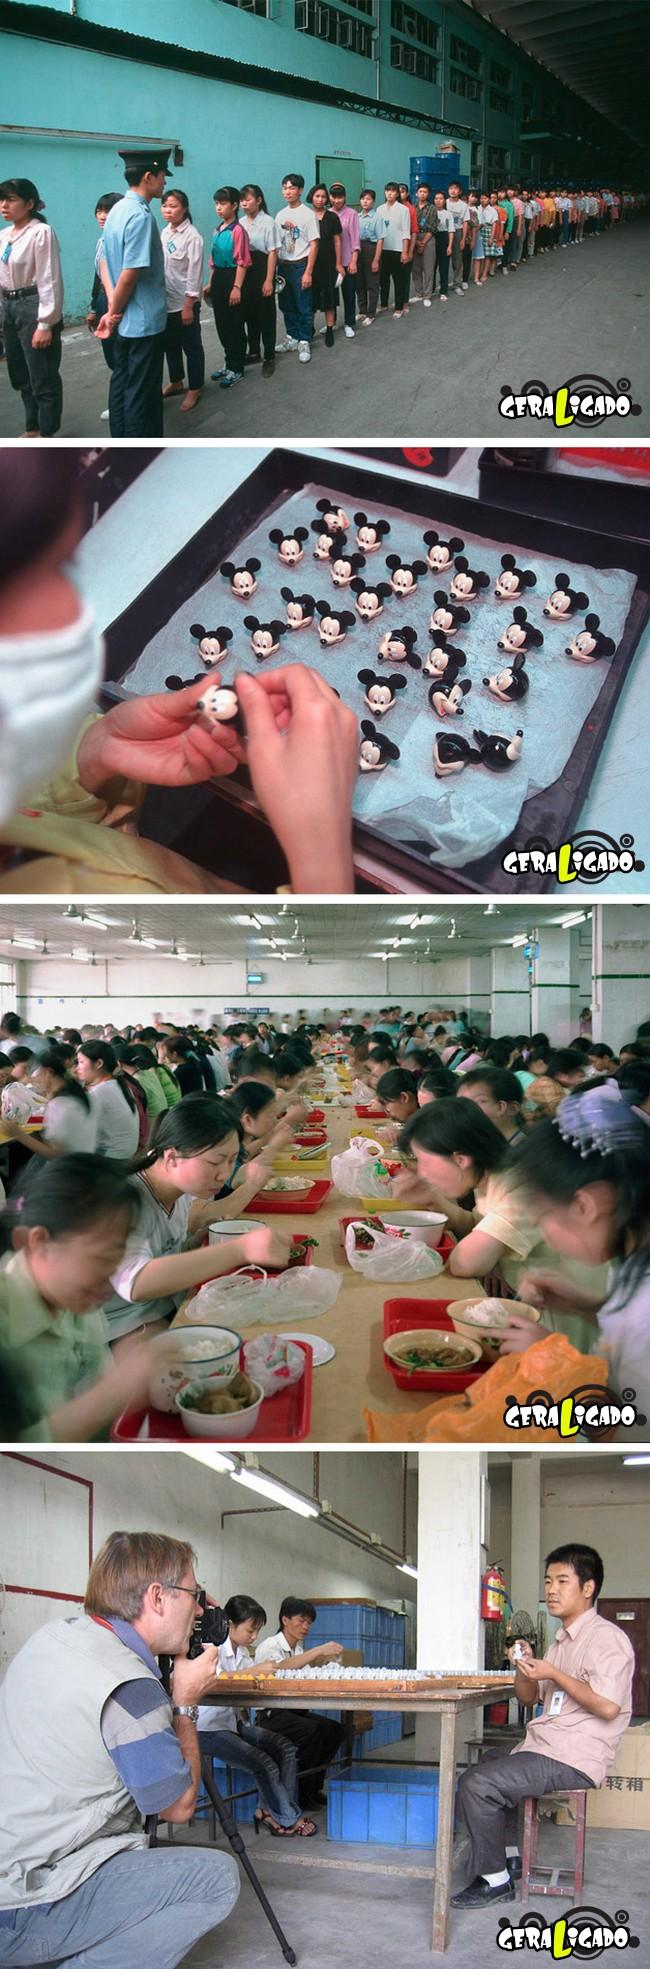 Fotógrafo registra quem está por trás dos incriveis produtos Made in China6